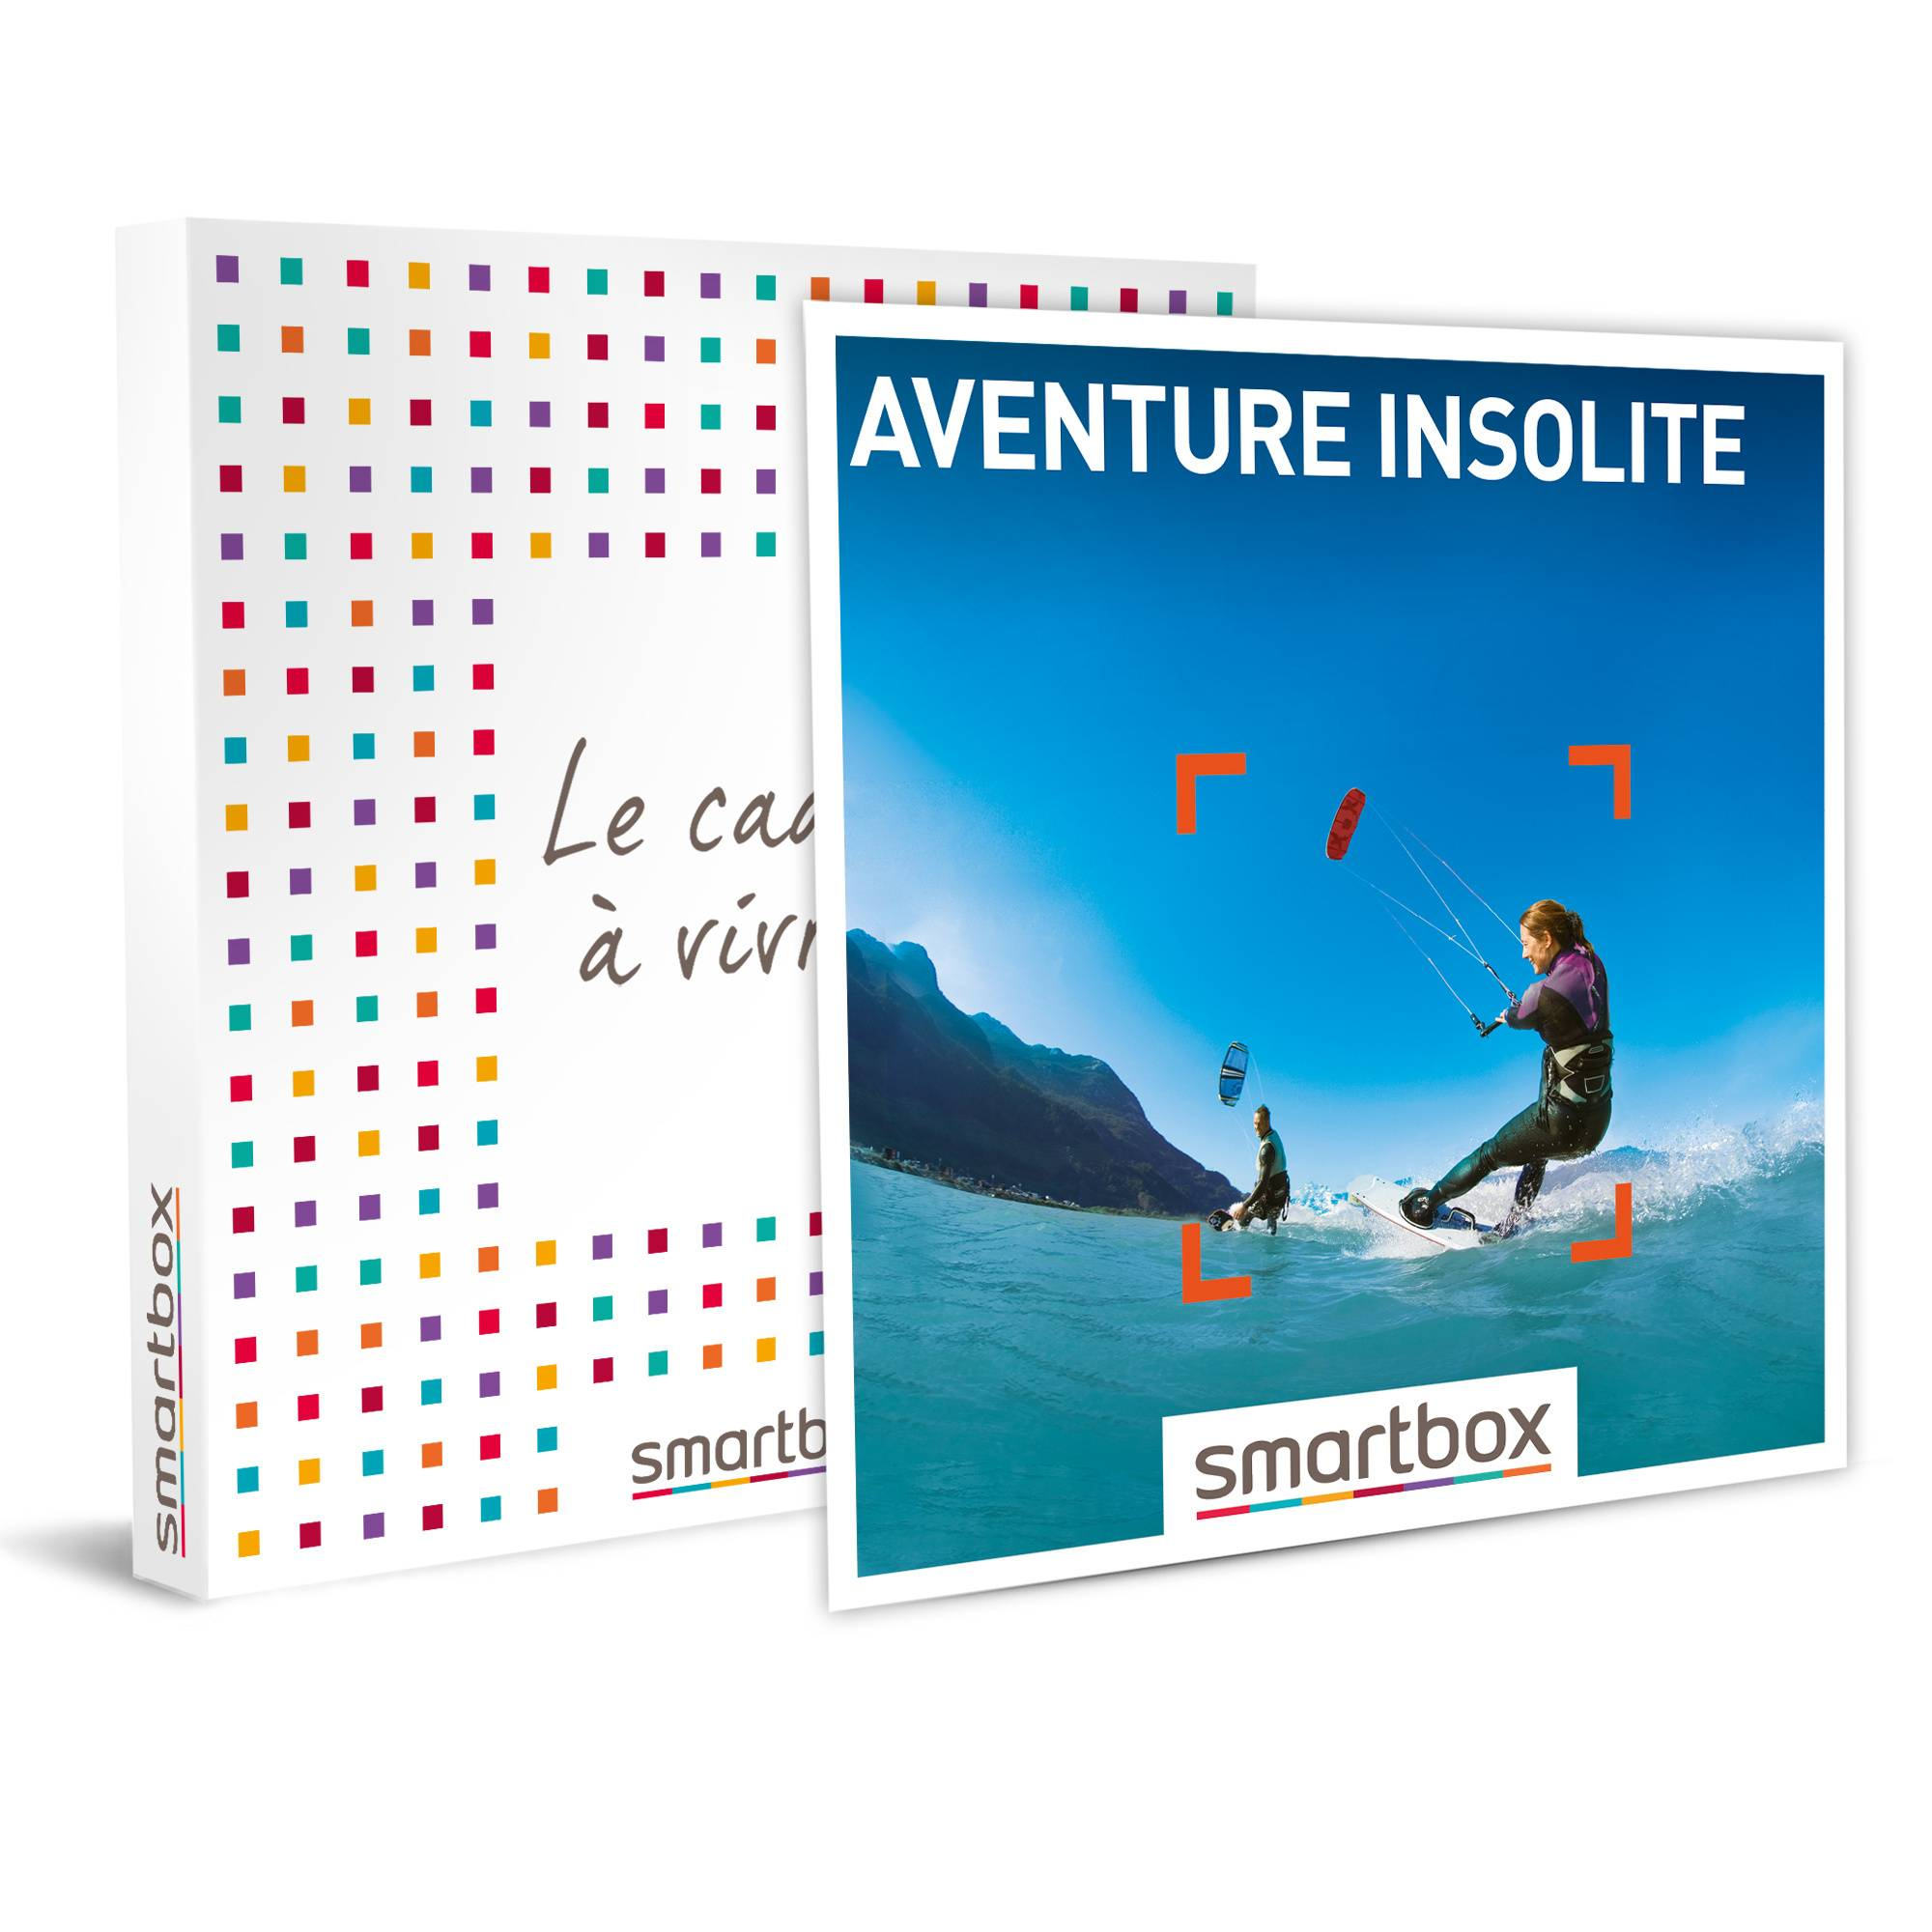 Smartbox Aventure insolite Coffret cadeau Smartbox